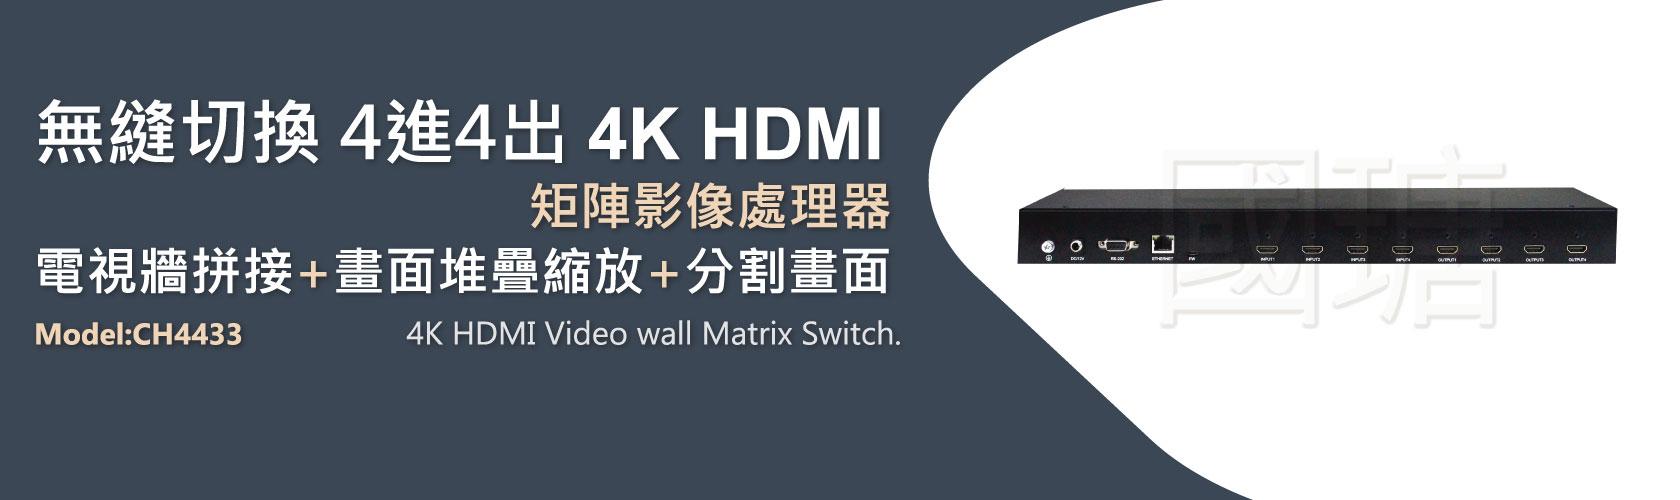 4K HDMI電視牆拼接矩陣切換器 無縫切換+多畫面分割功能+電視牆拼接功能+4X4矩陣影像處理器